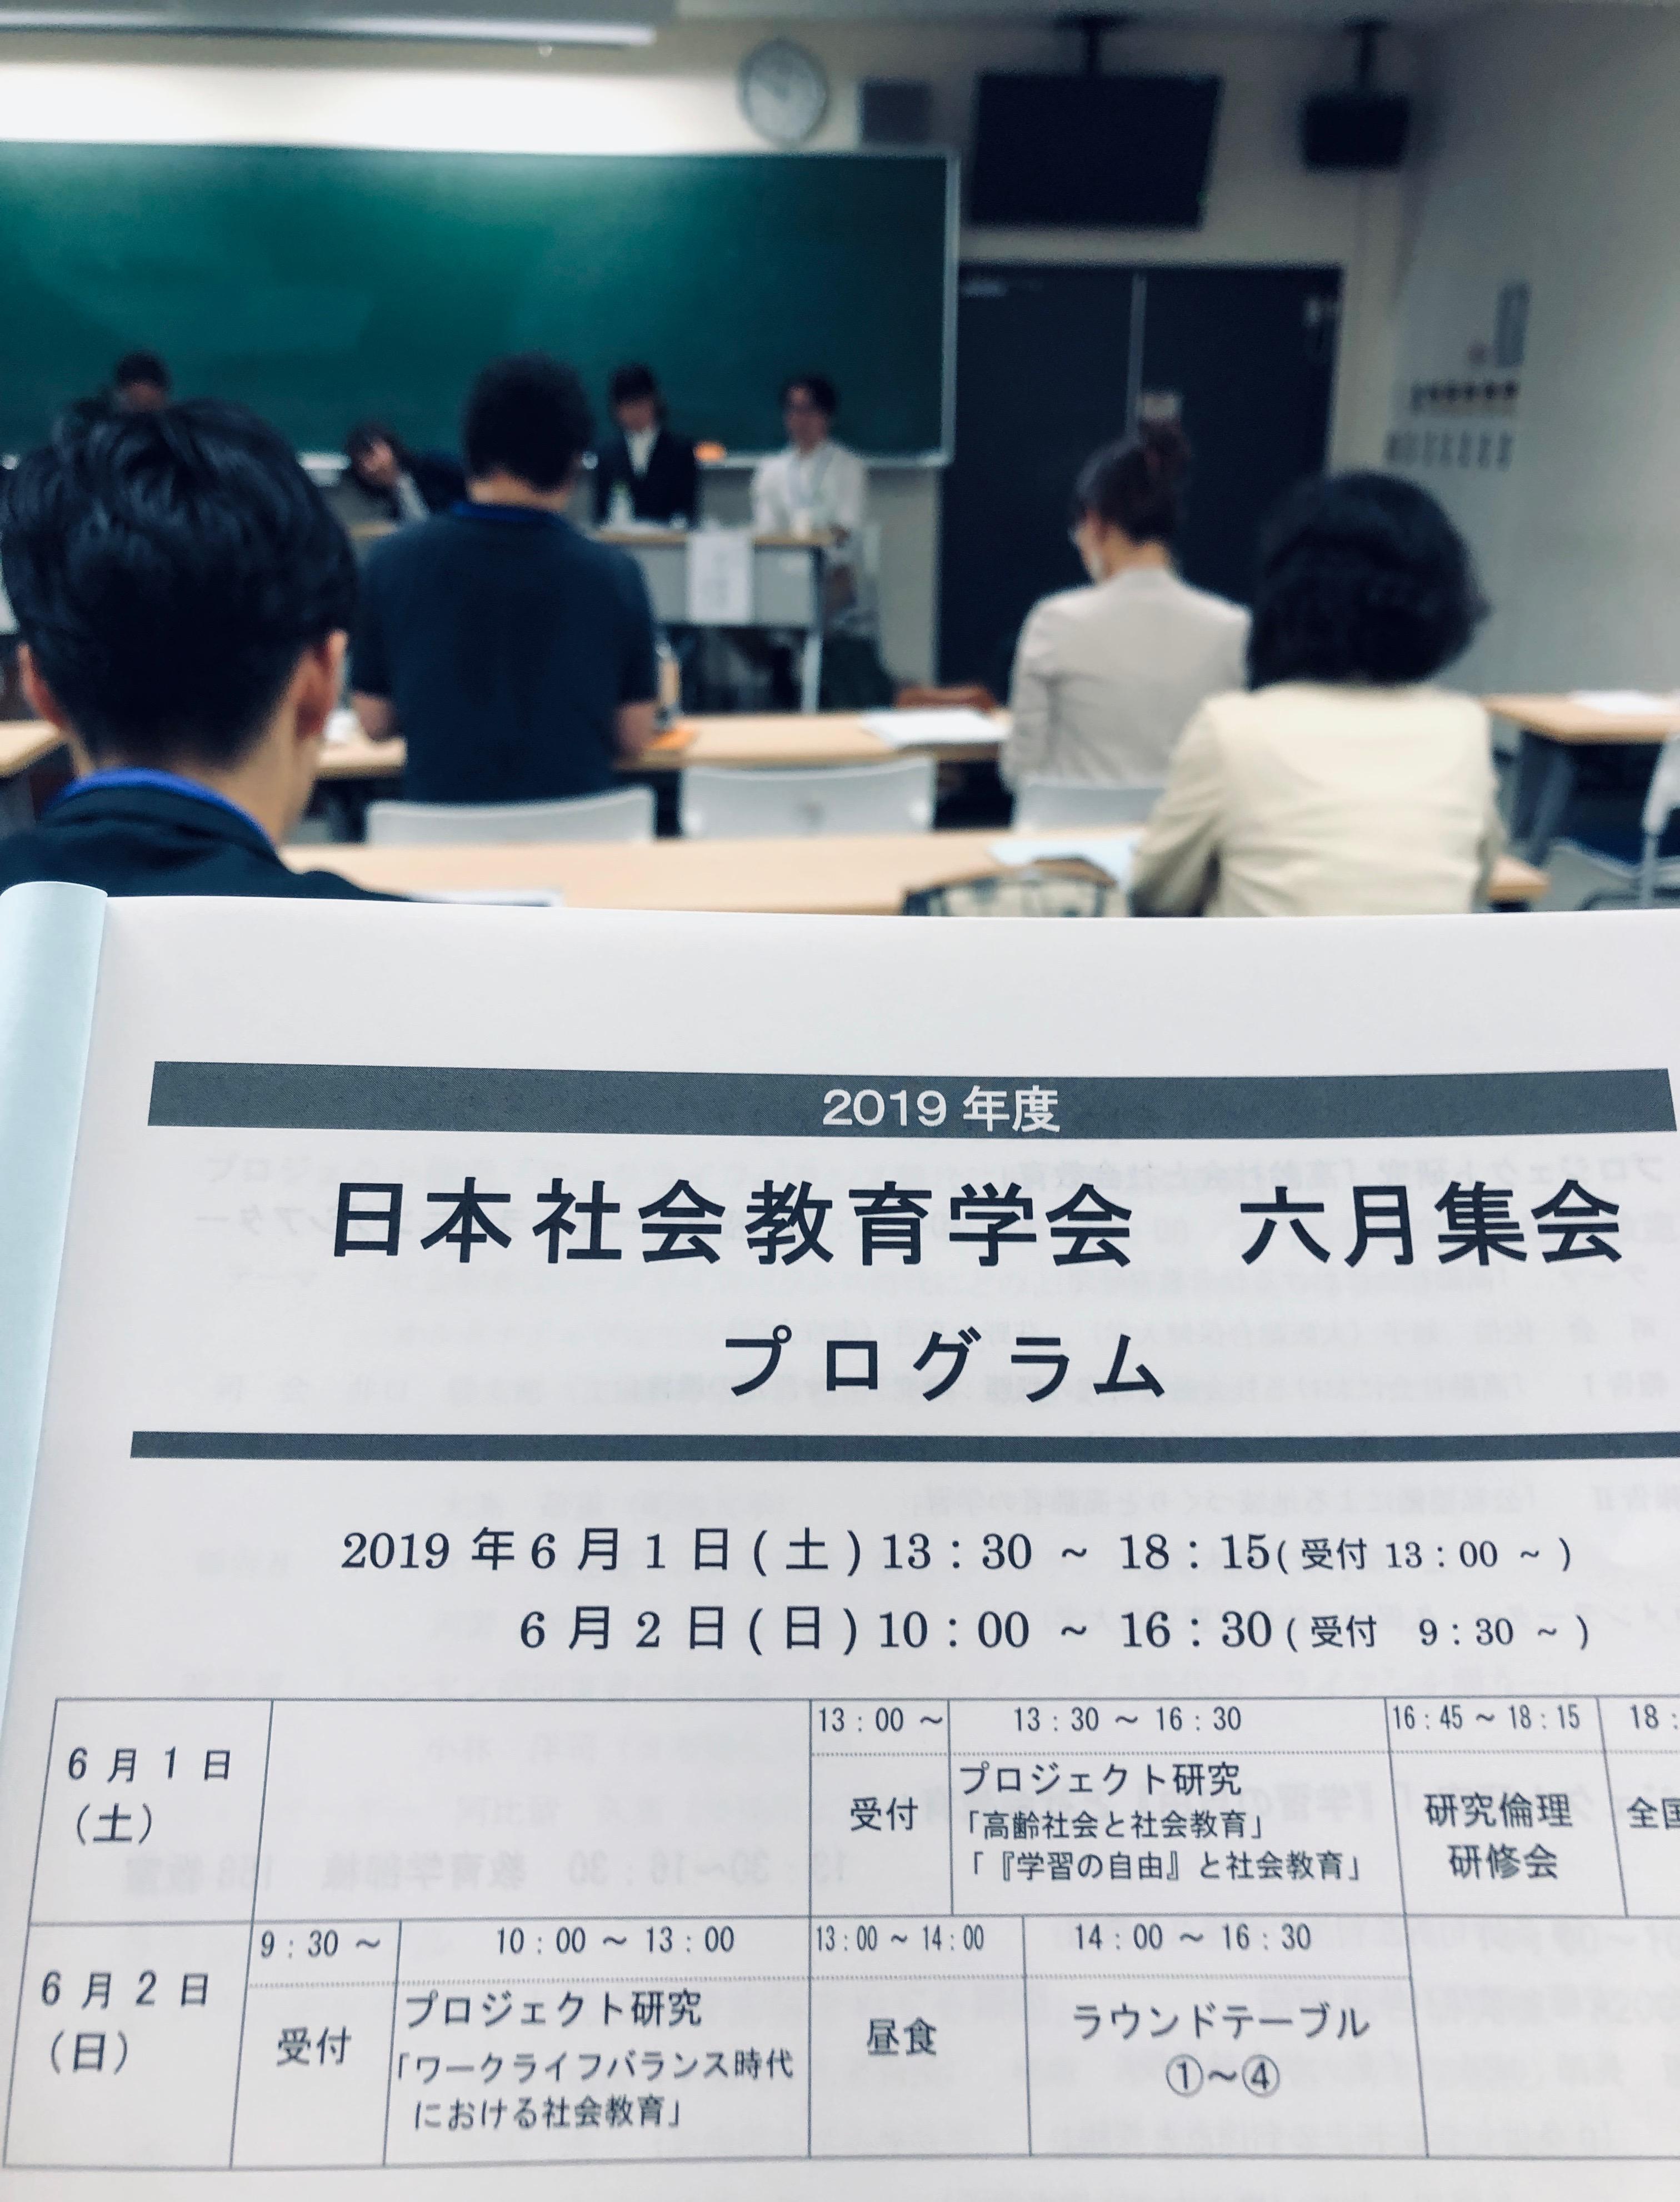 日本社会教育学会六月集会にしゅうちゃんを誘って参加しました。